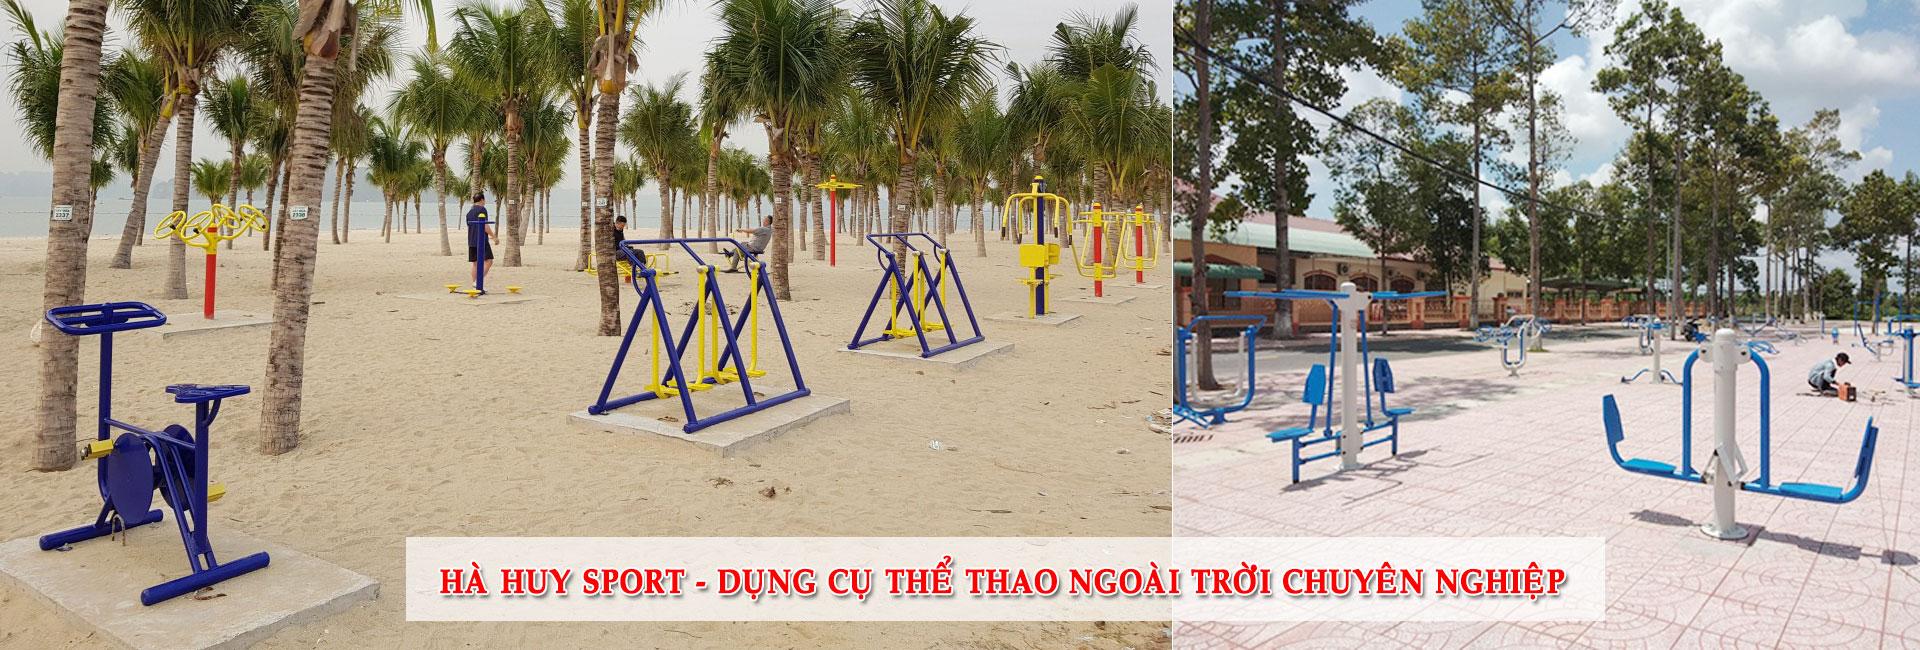 Dụng cụ thể thao ngoài trời - Hà Huy Sport